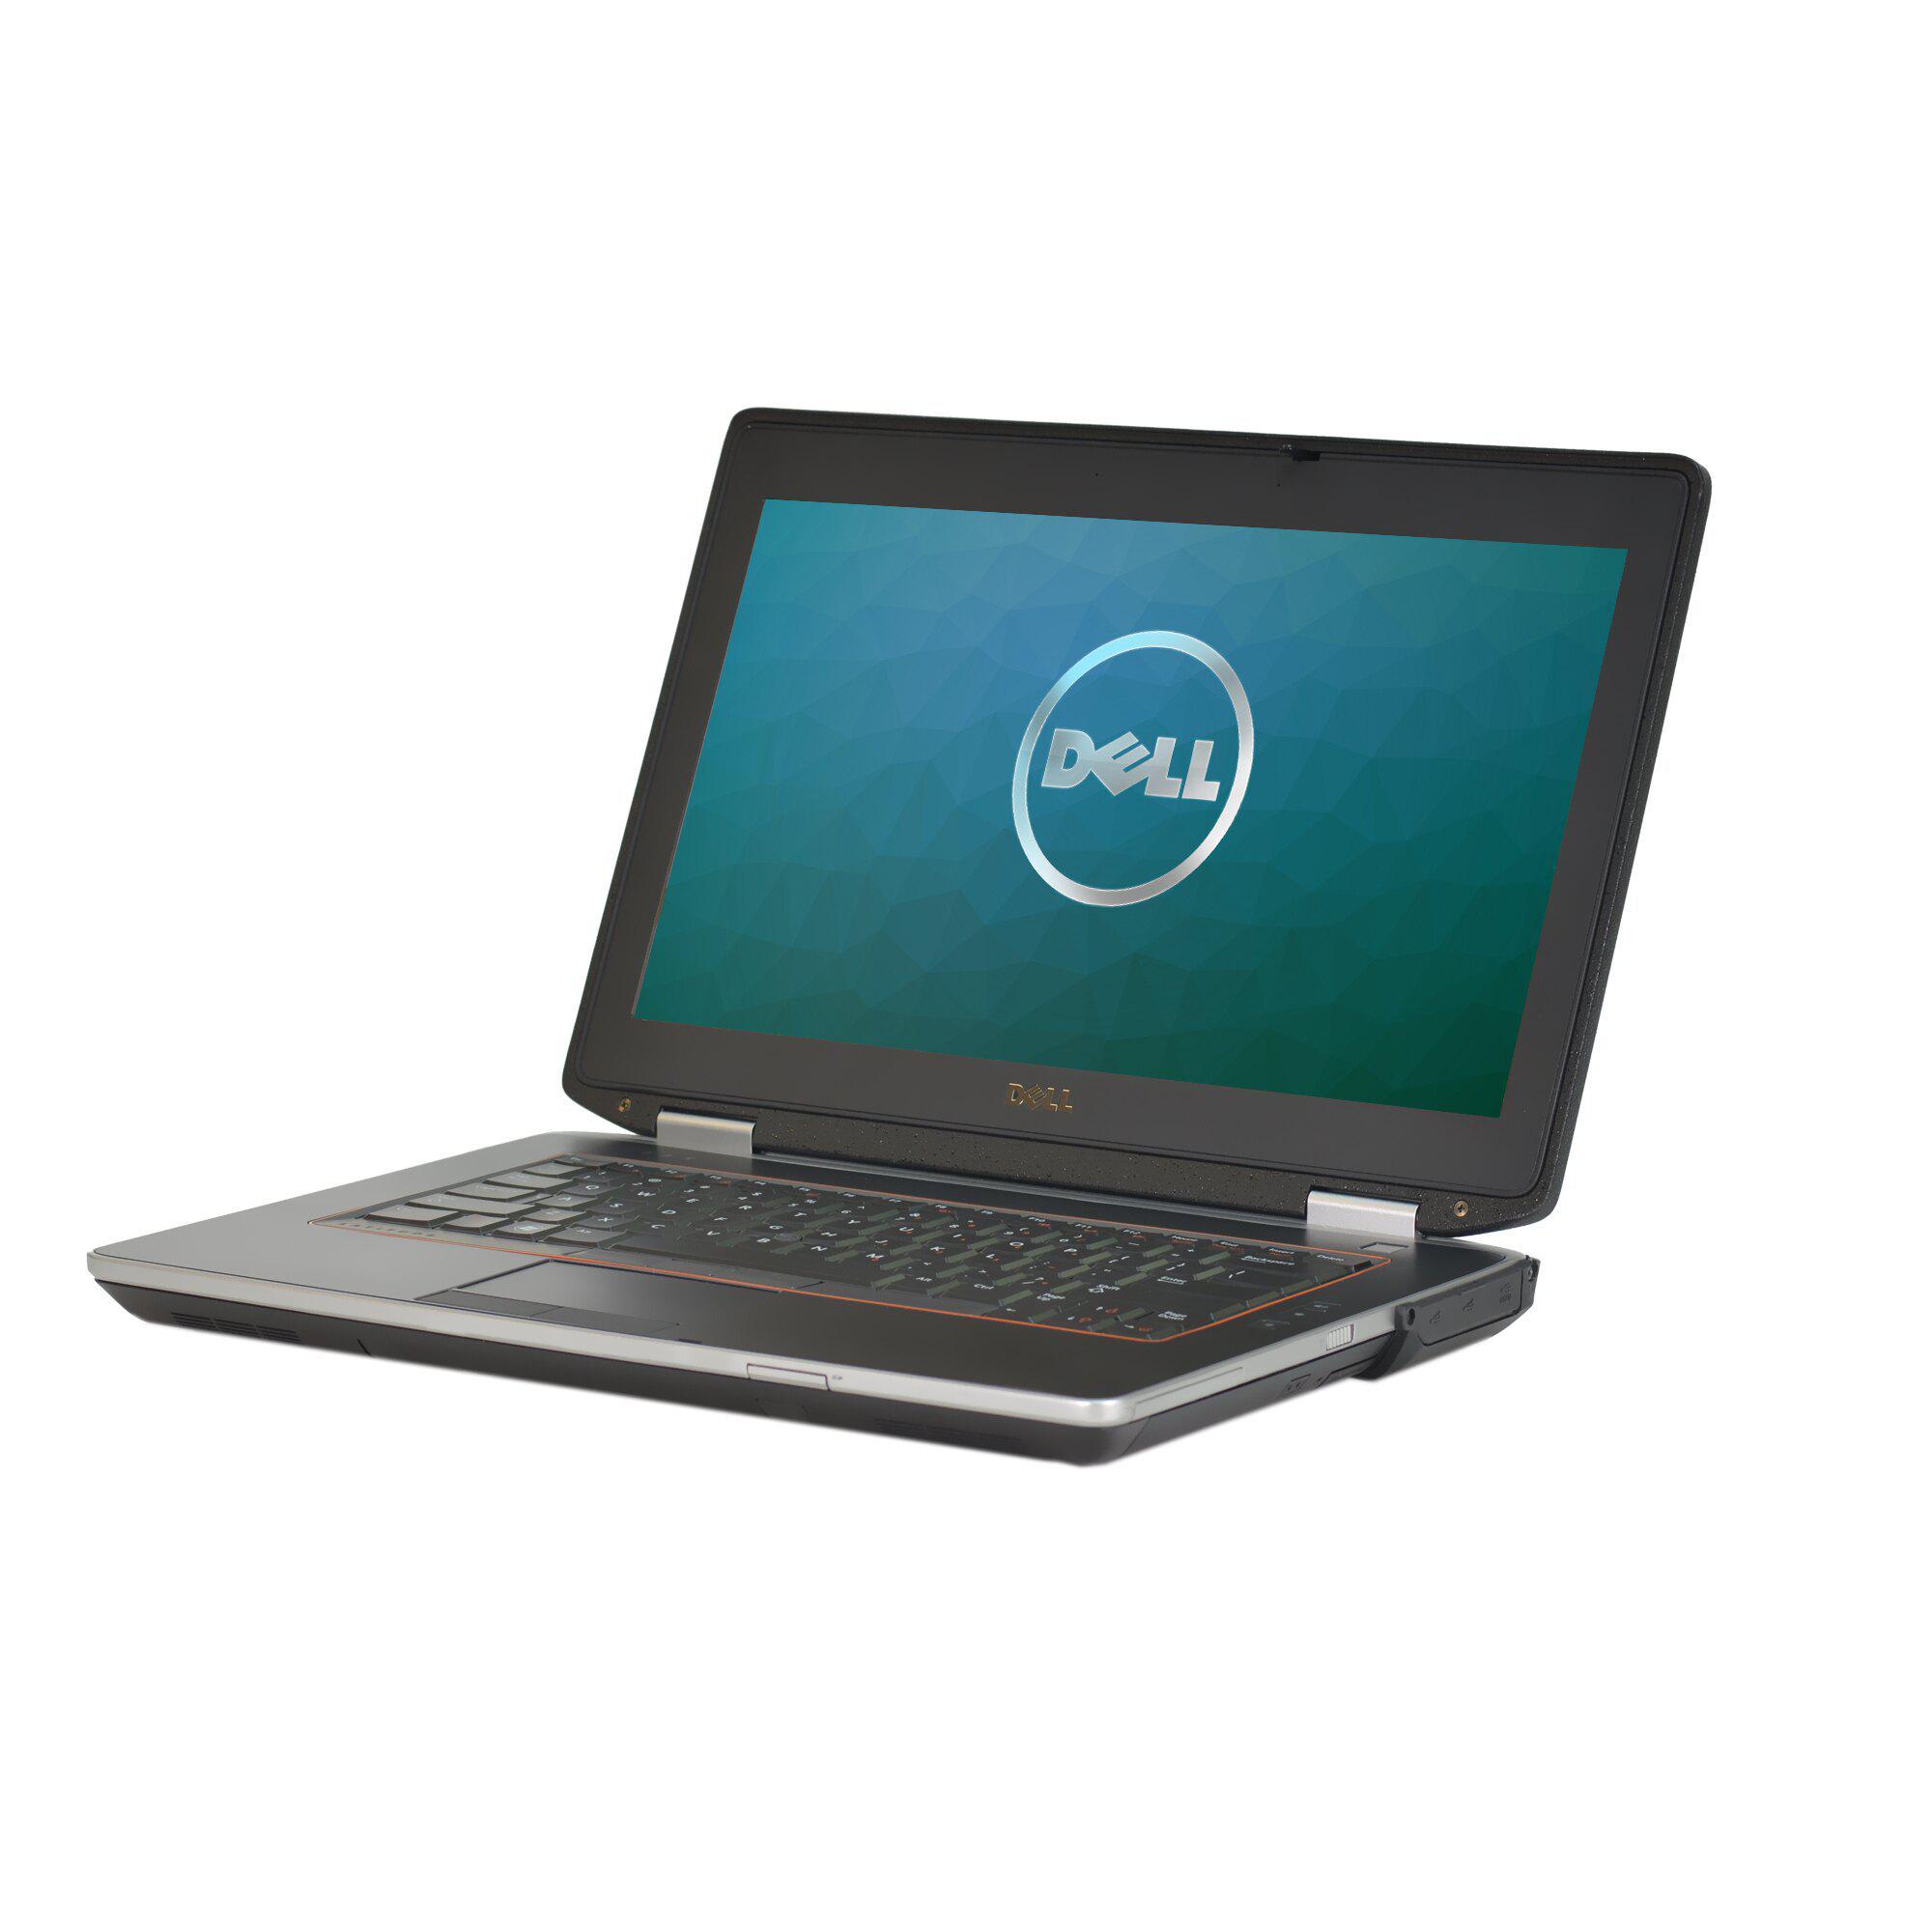 Dell Latitude E6430 14-inch (2012) - Core i5-3320M - 8 GB  - SSD 960 GB